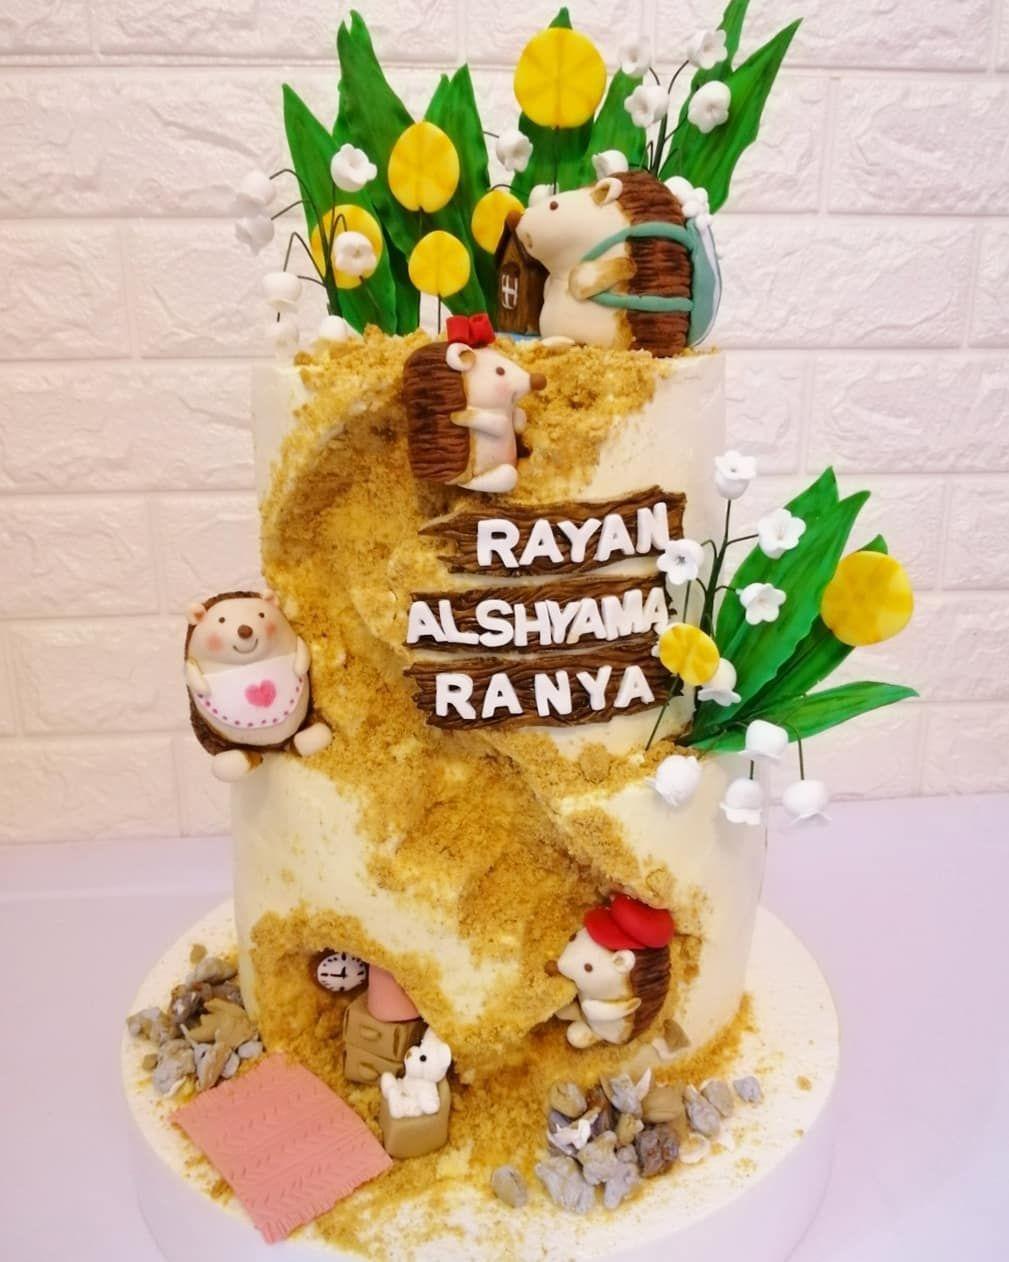 كيكة بيت عائلة القنفذ Hedgehog Family Cake دورين كيك فانيلا 6 8 انش Birthday Cake Cake Birthday